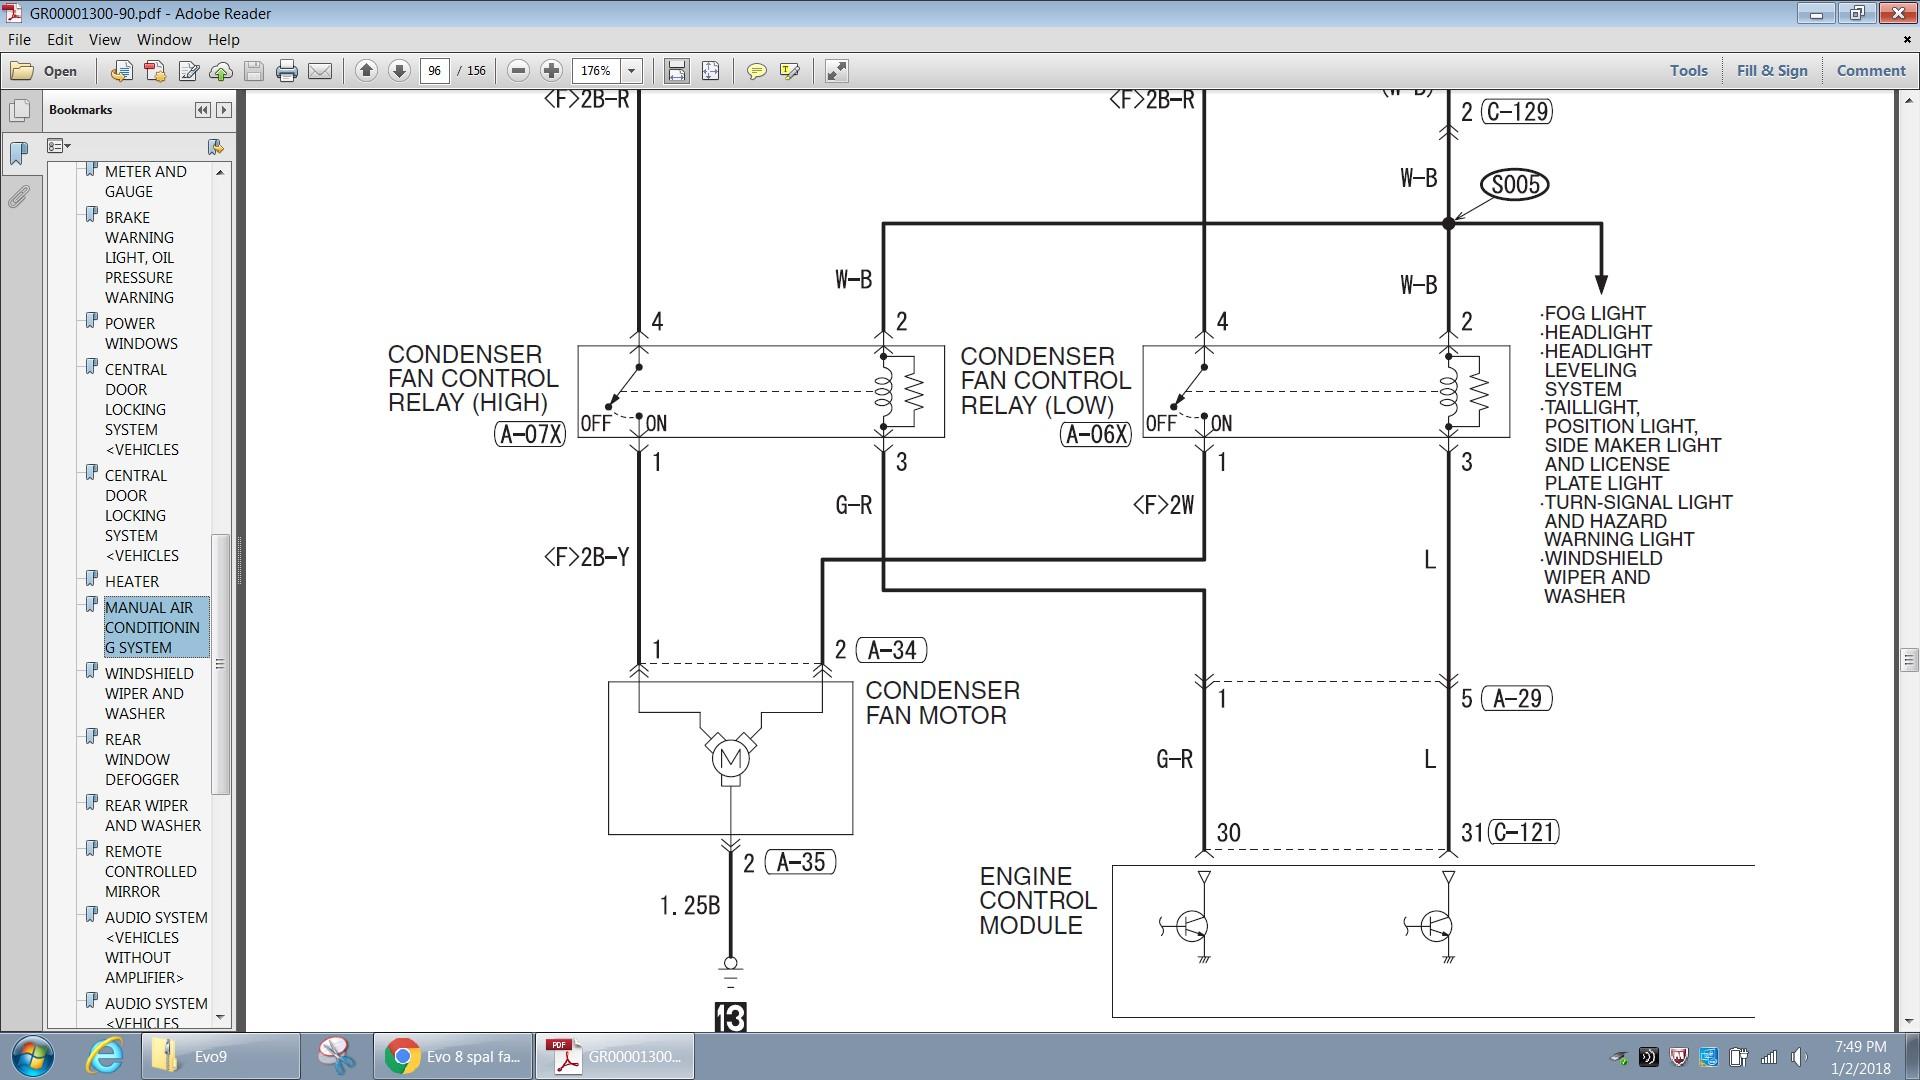 spal electric fan wiring diagram 1997 club car golf cart controller relay